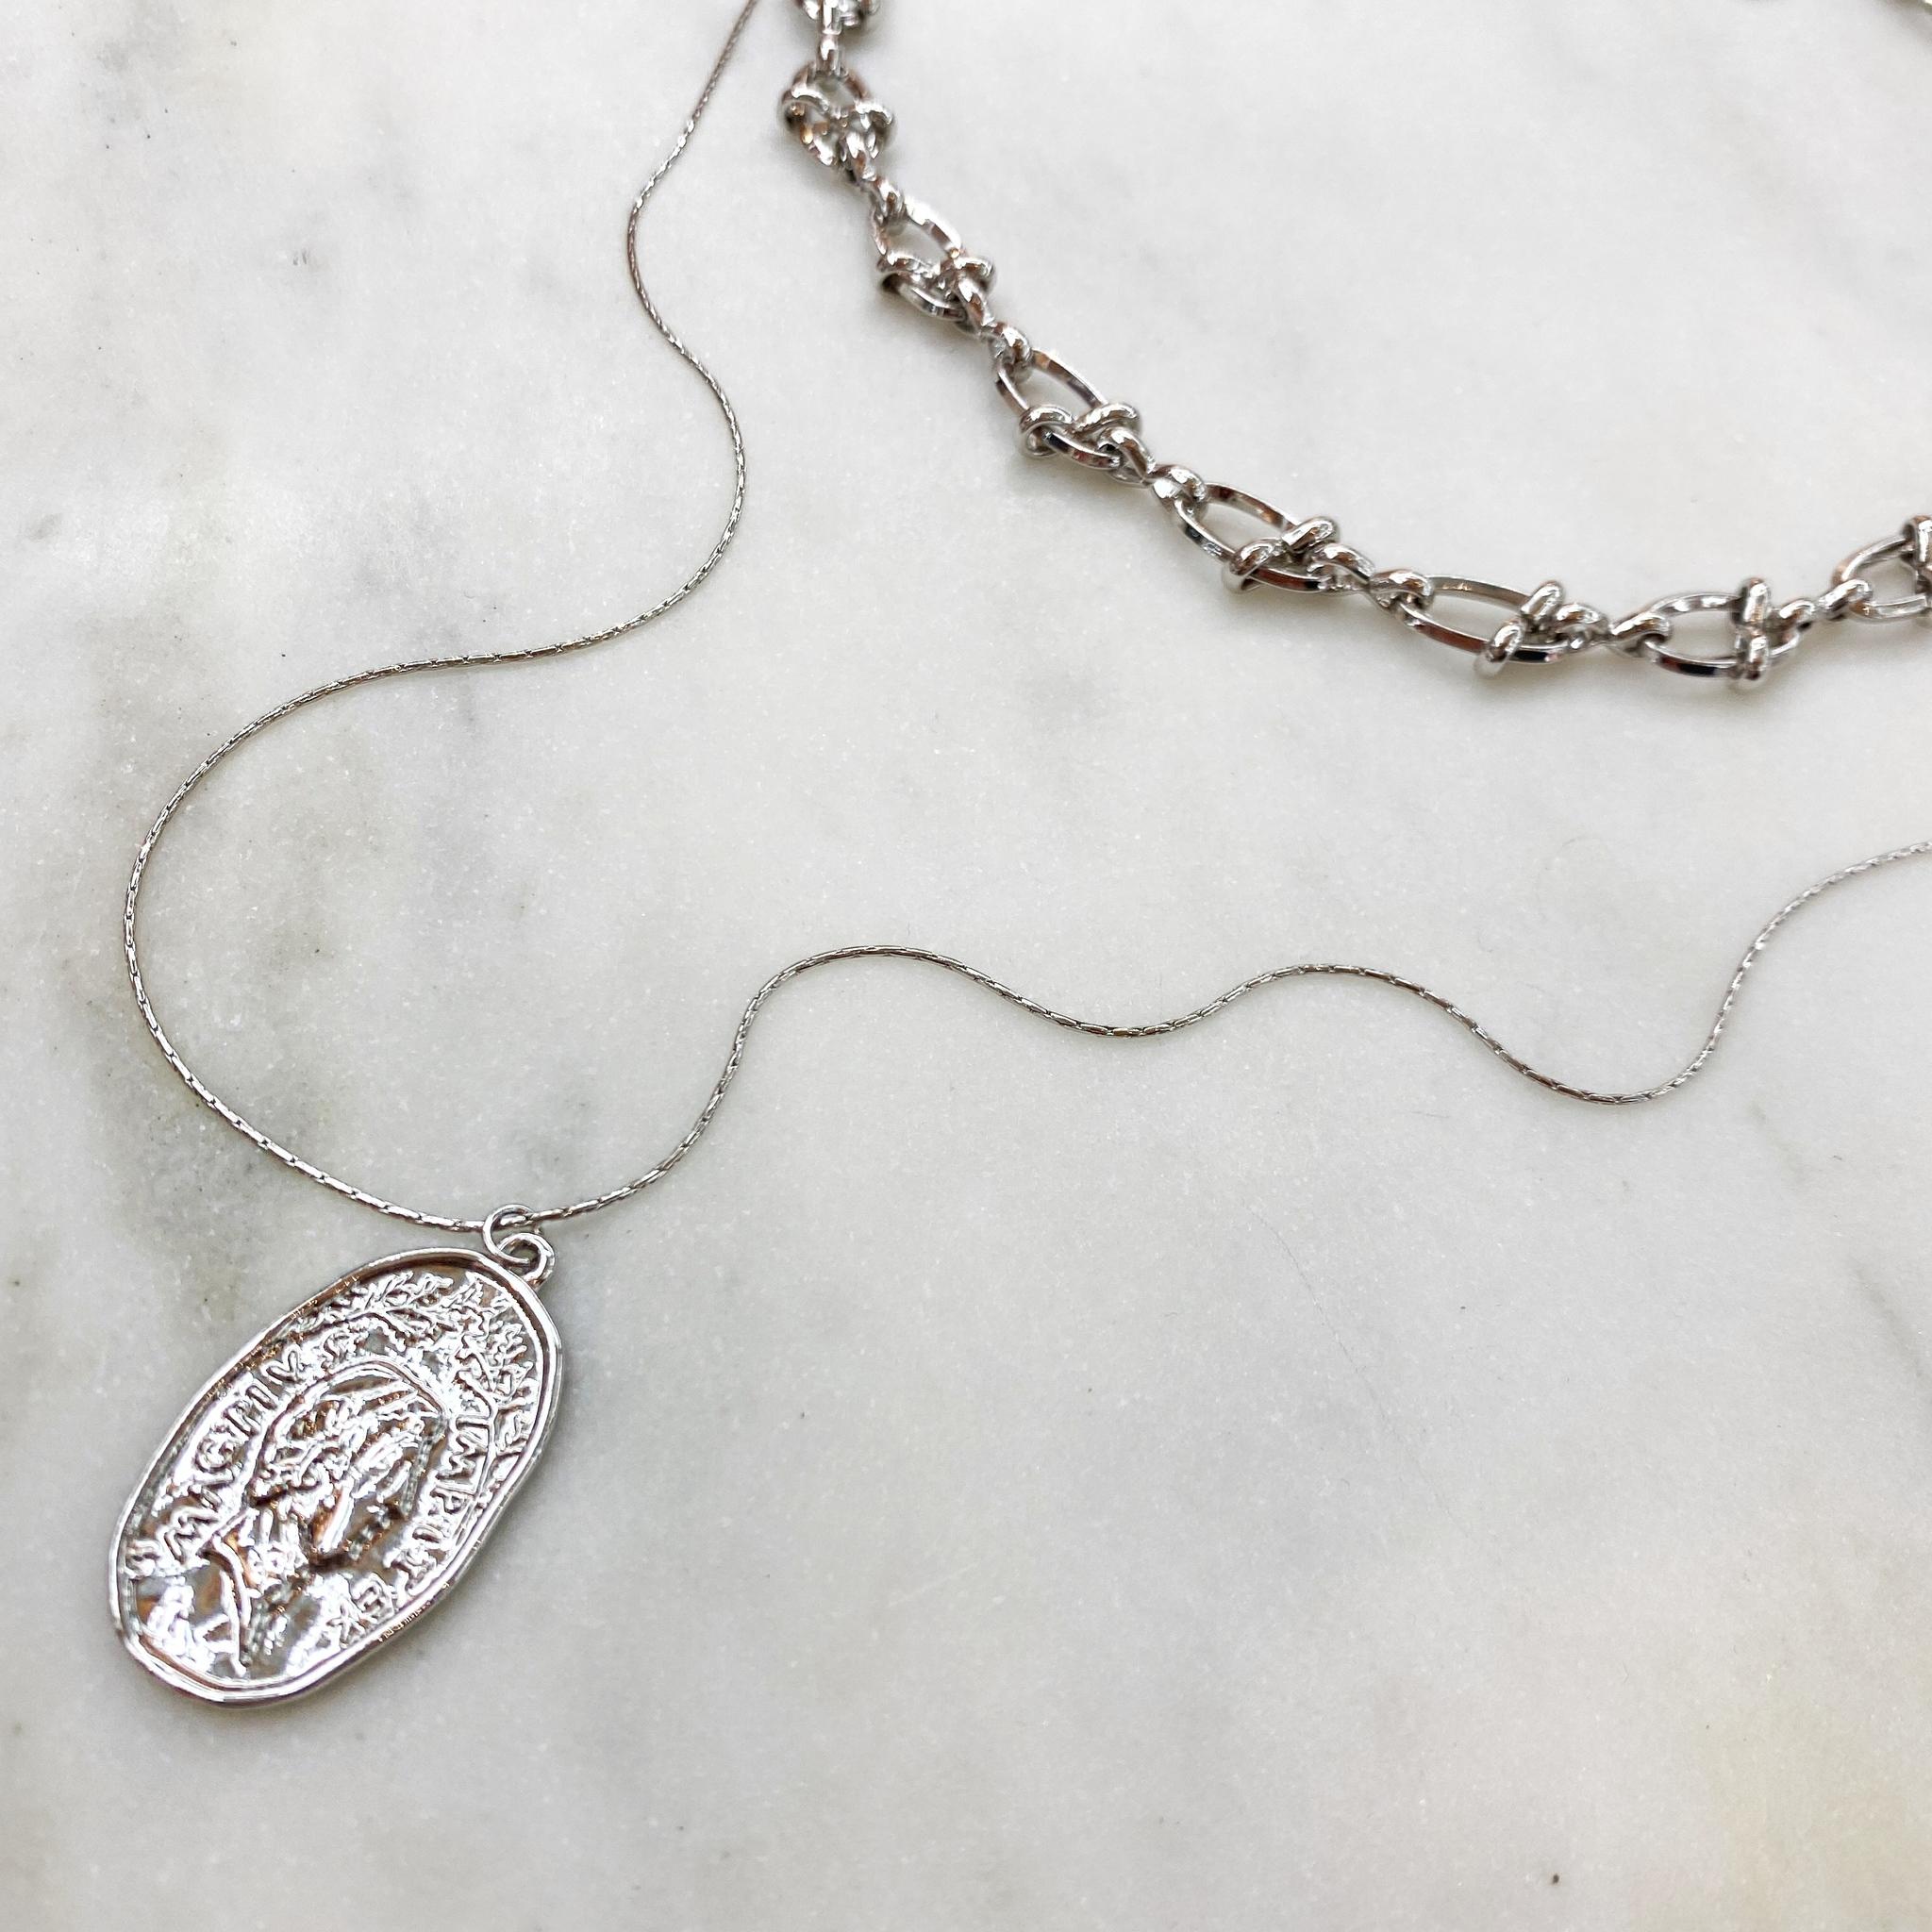 Сэт из Чокера и медальона на цепочке (серебристый)